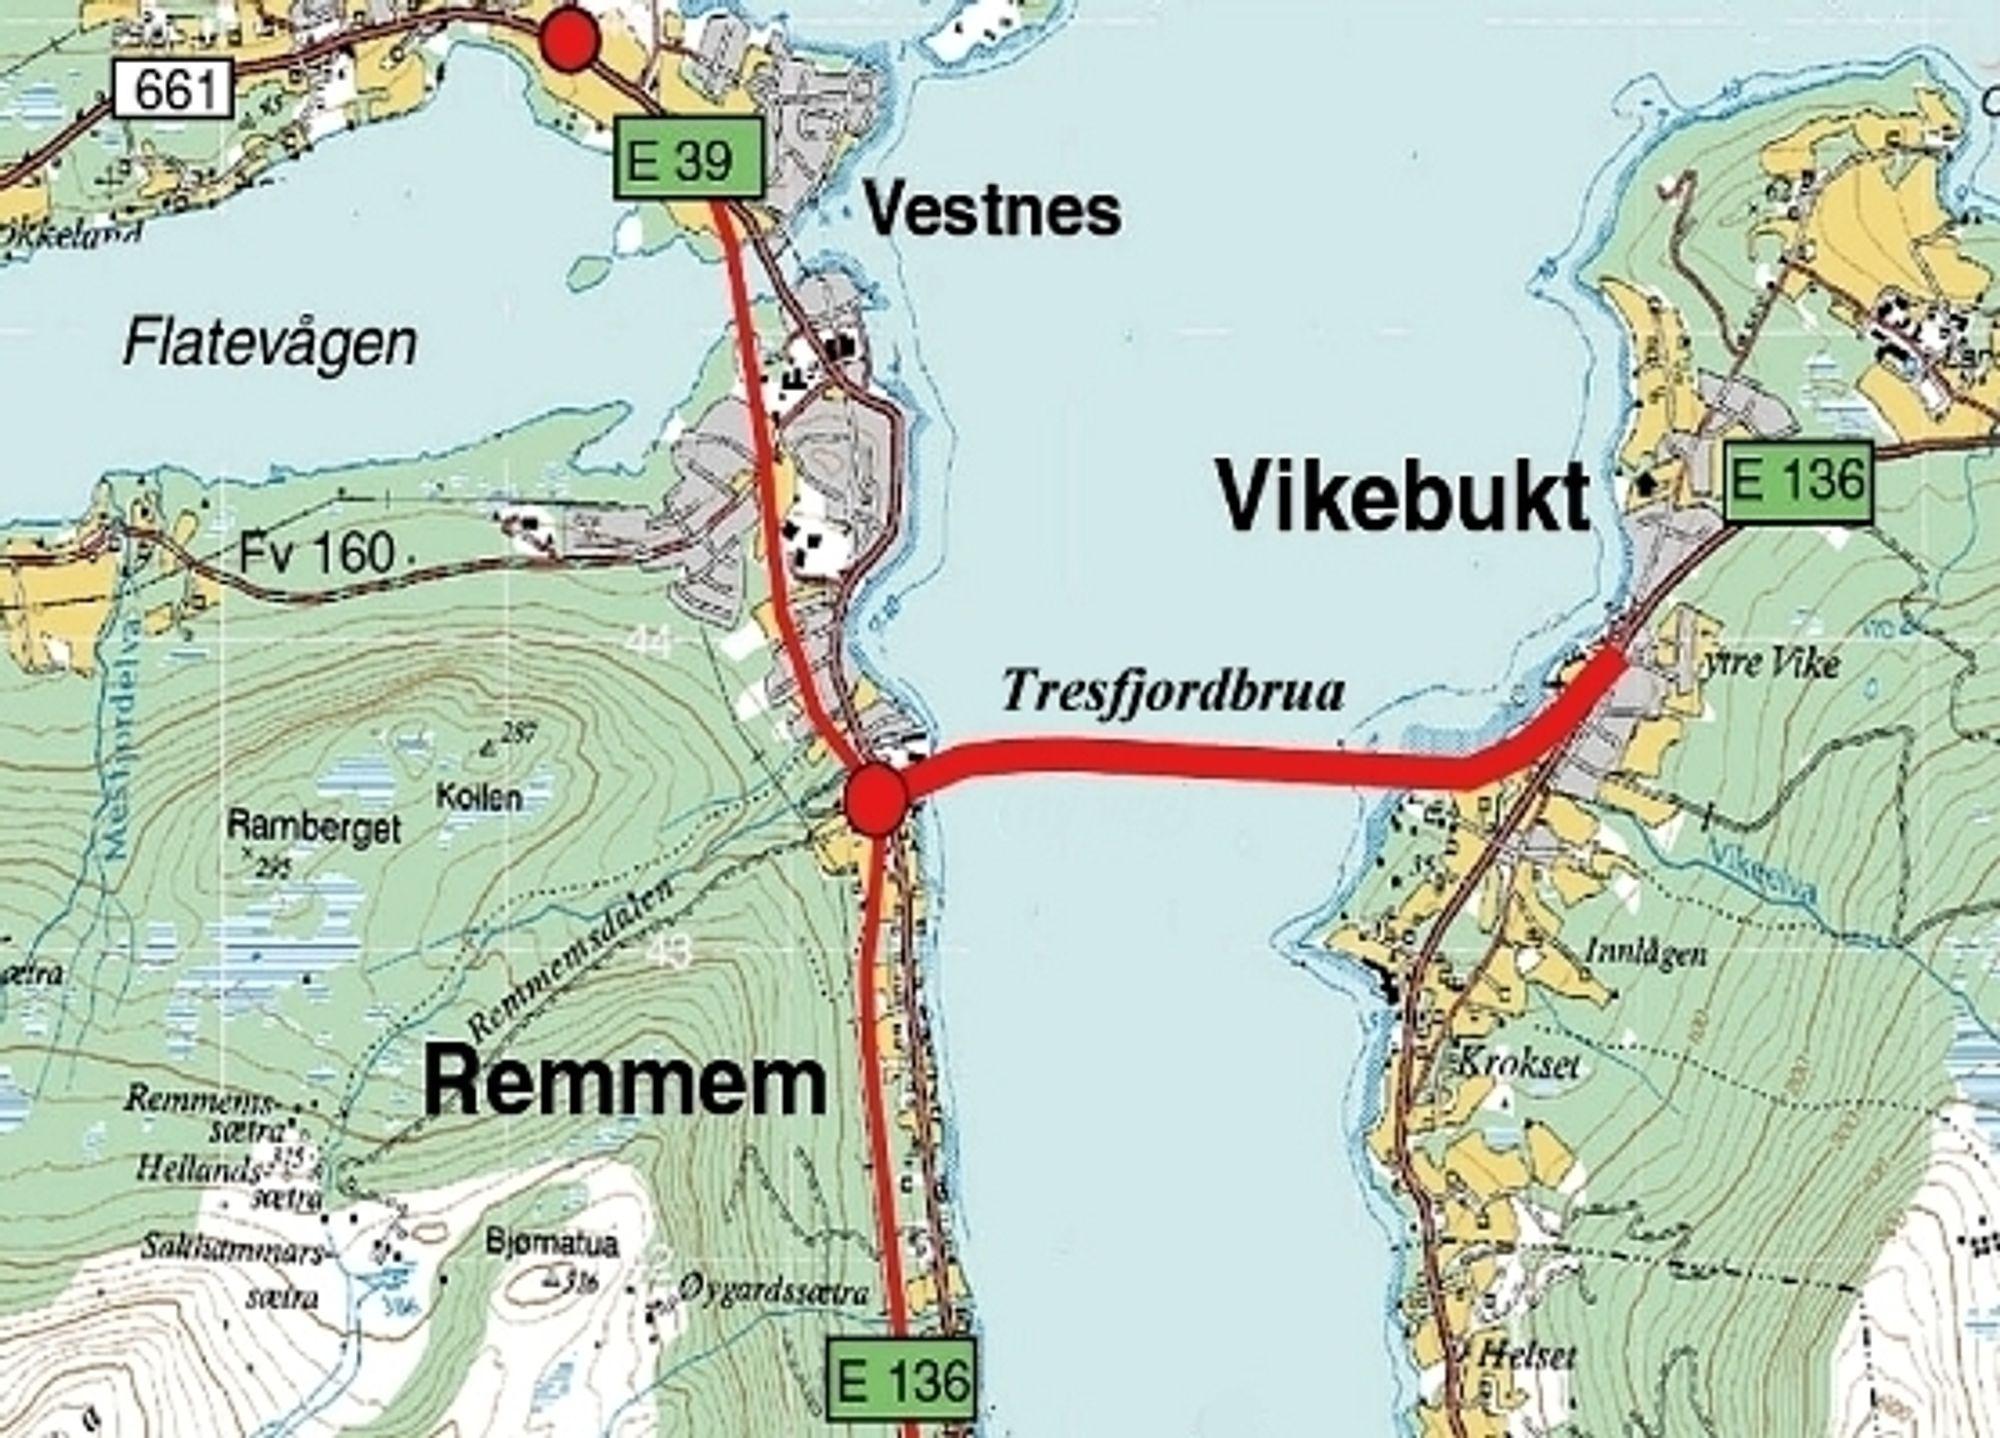 Multiconsult har fått i oppdrag å prosjektere Tresfjordbrua. Vegvesenet tar sikte på byggestart neste sommer.